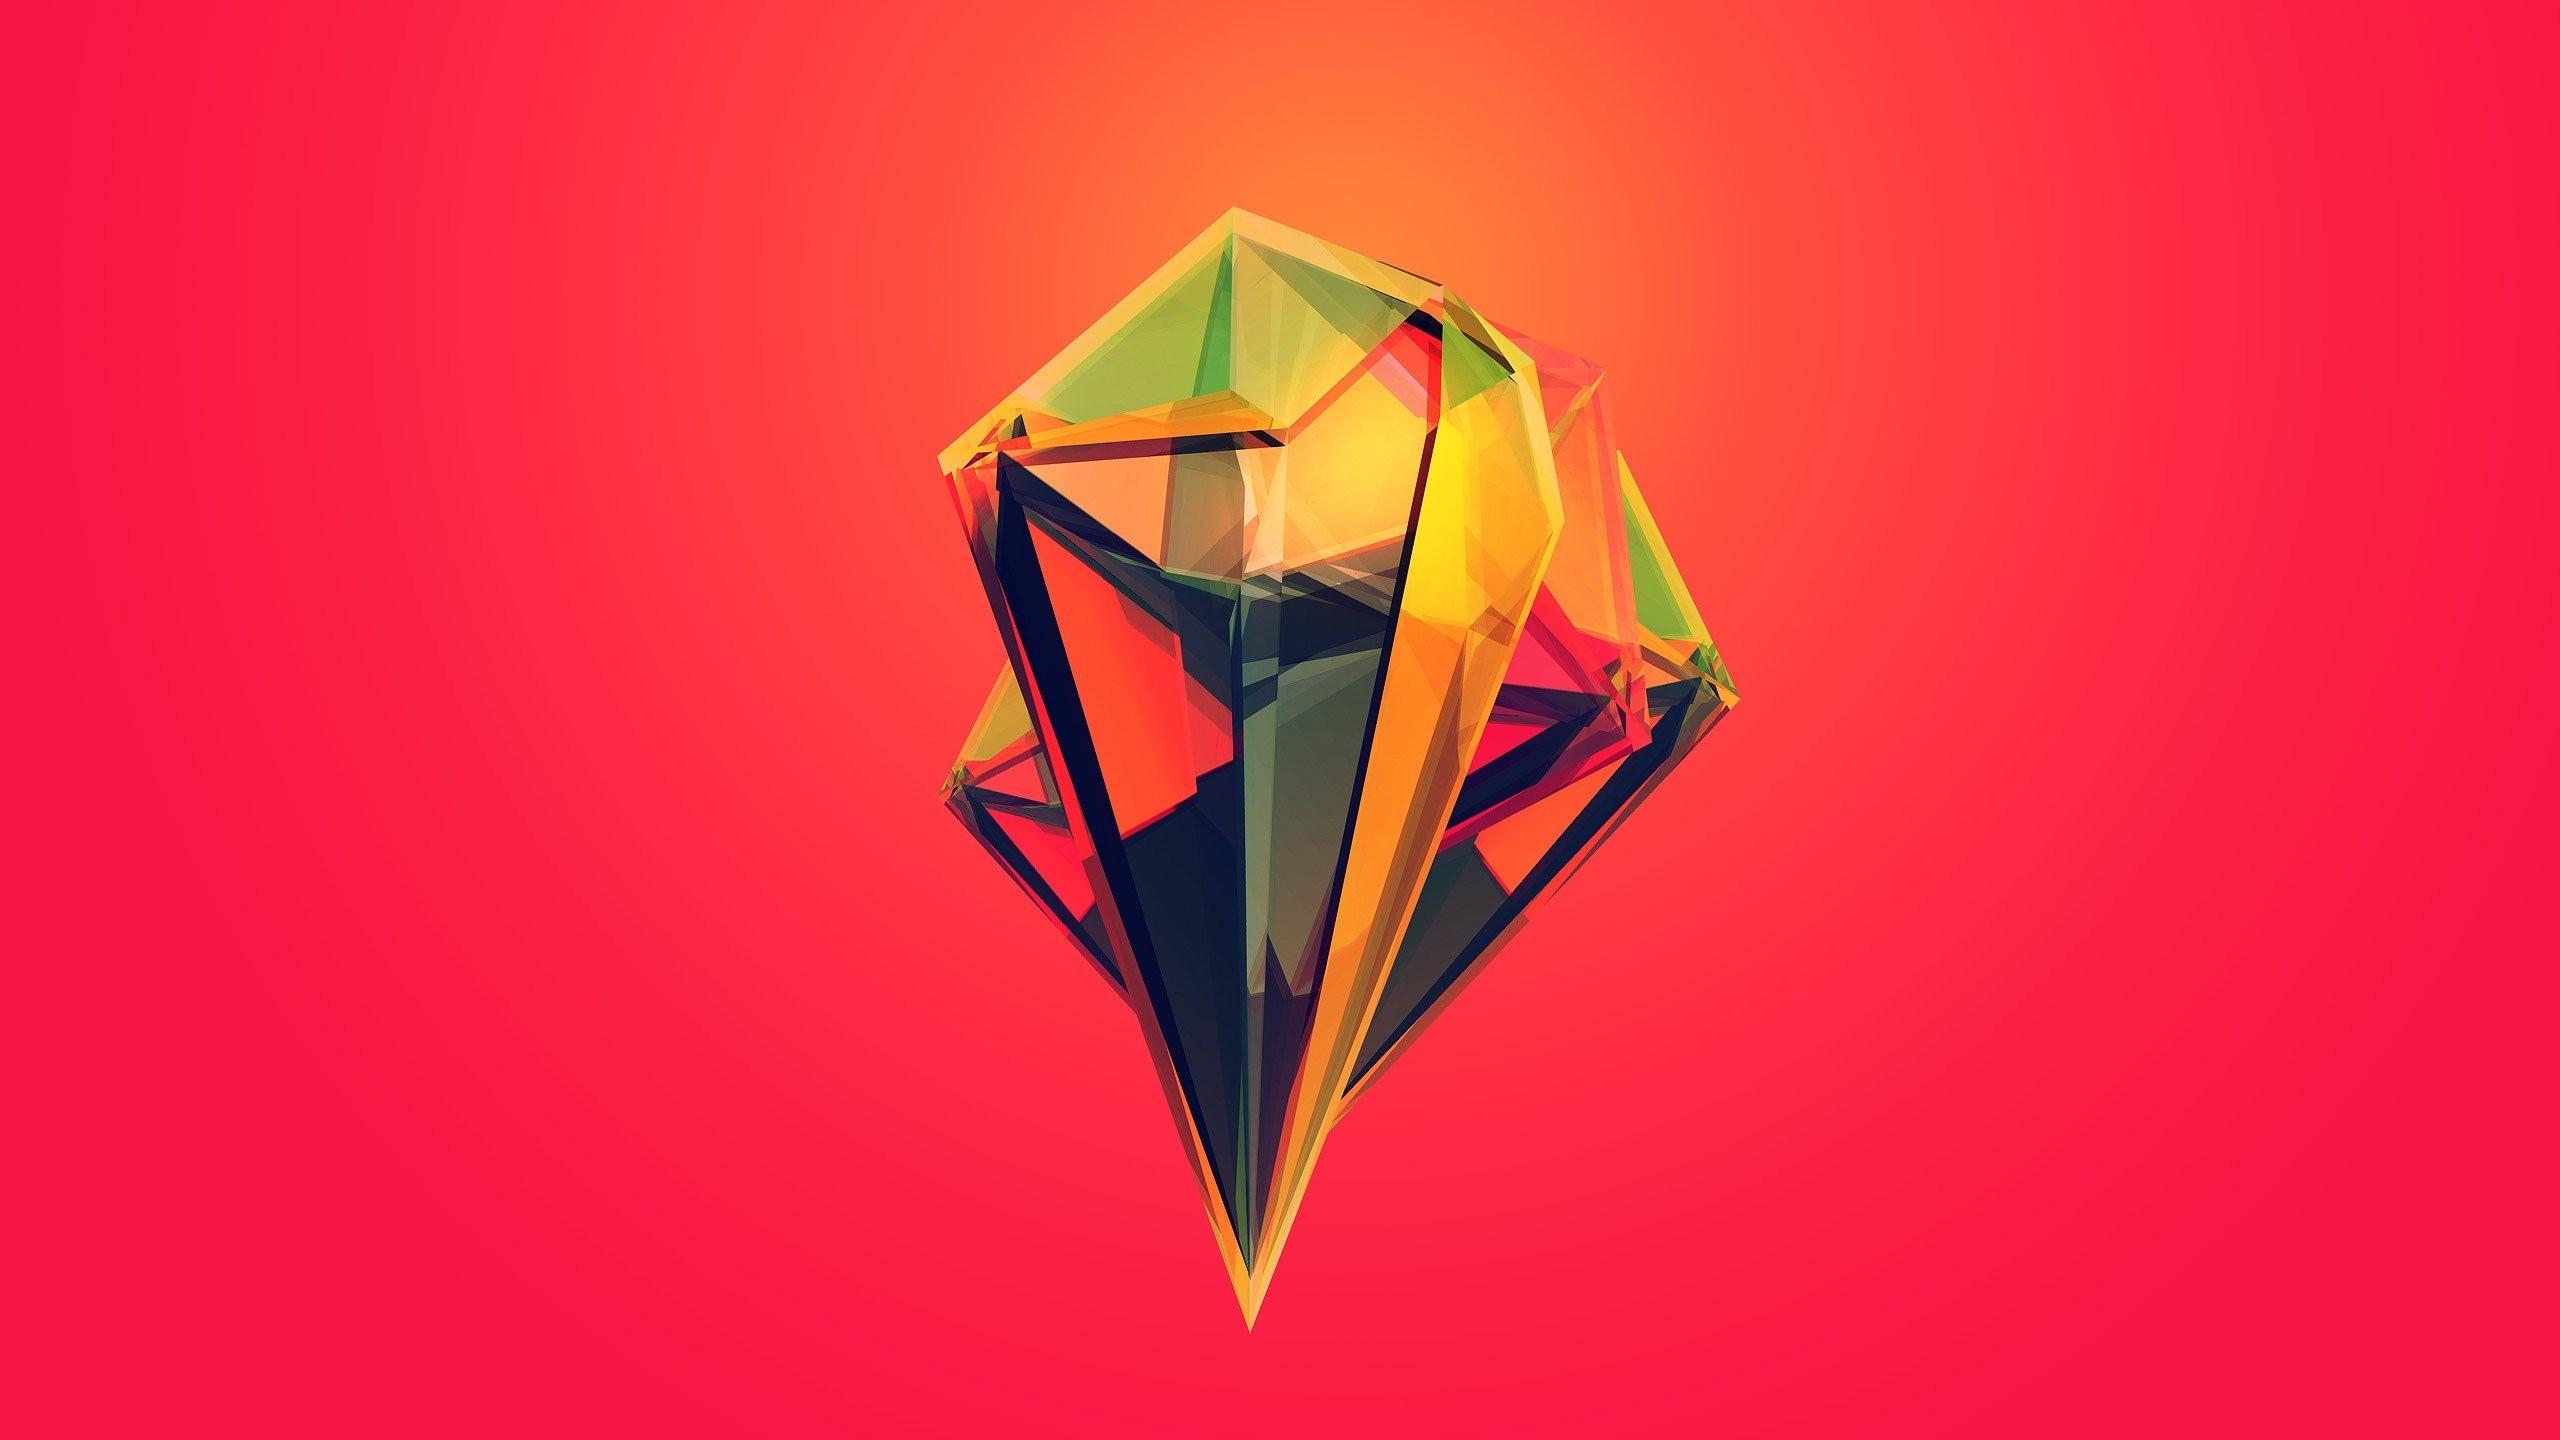 Abstract Digital Art Justin Maller Vectors